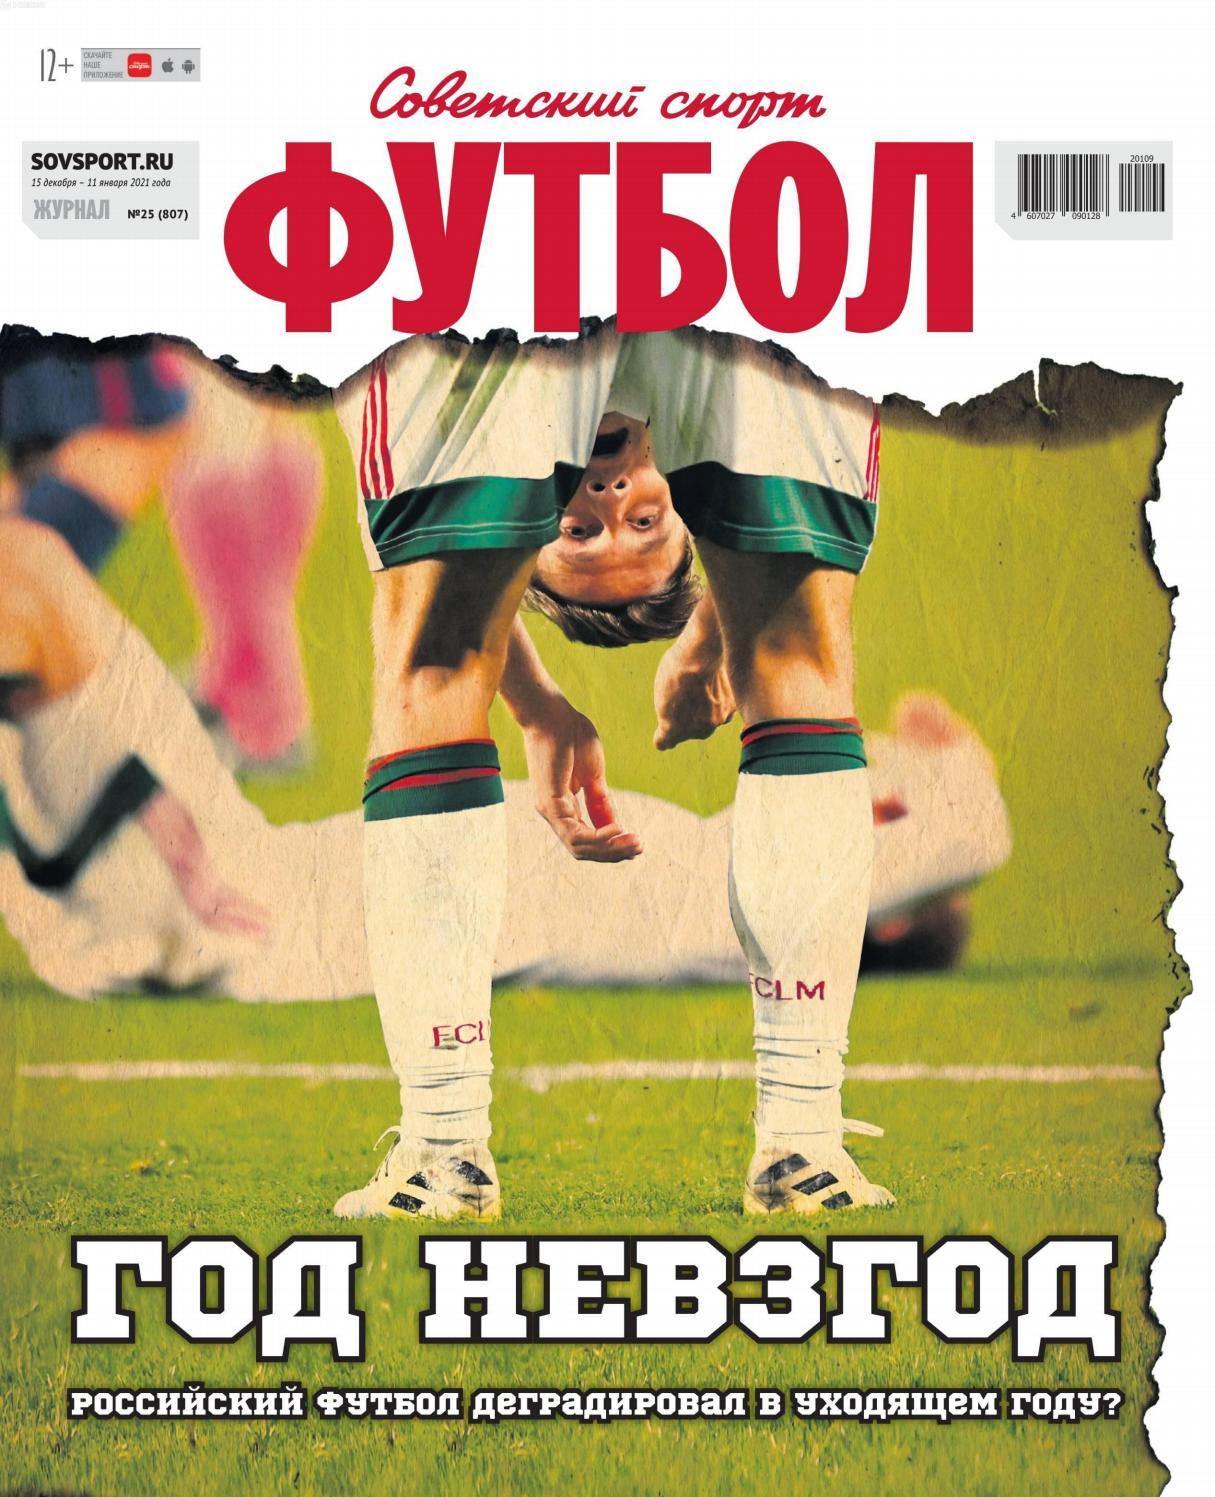 Советский спорт. Футбол №25, декабрь 2020